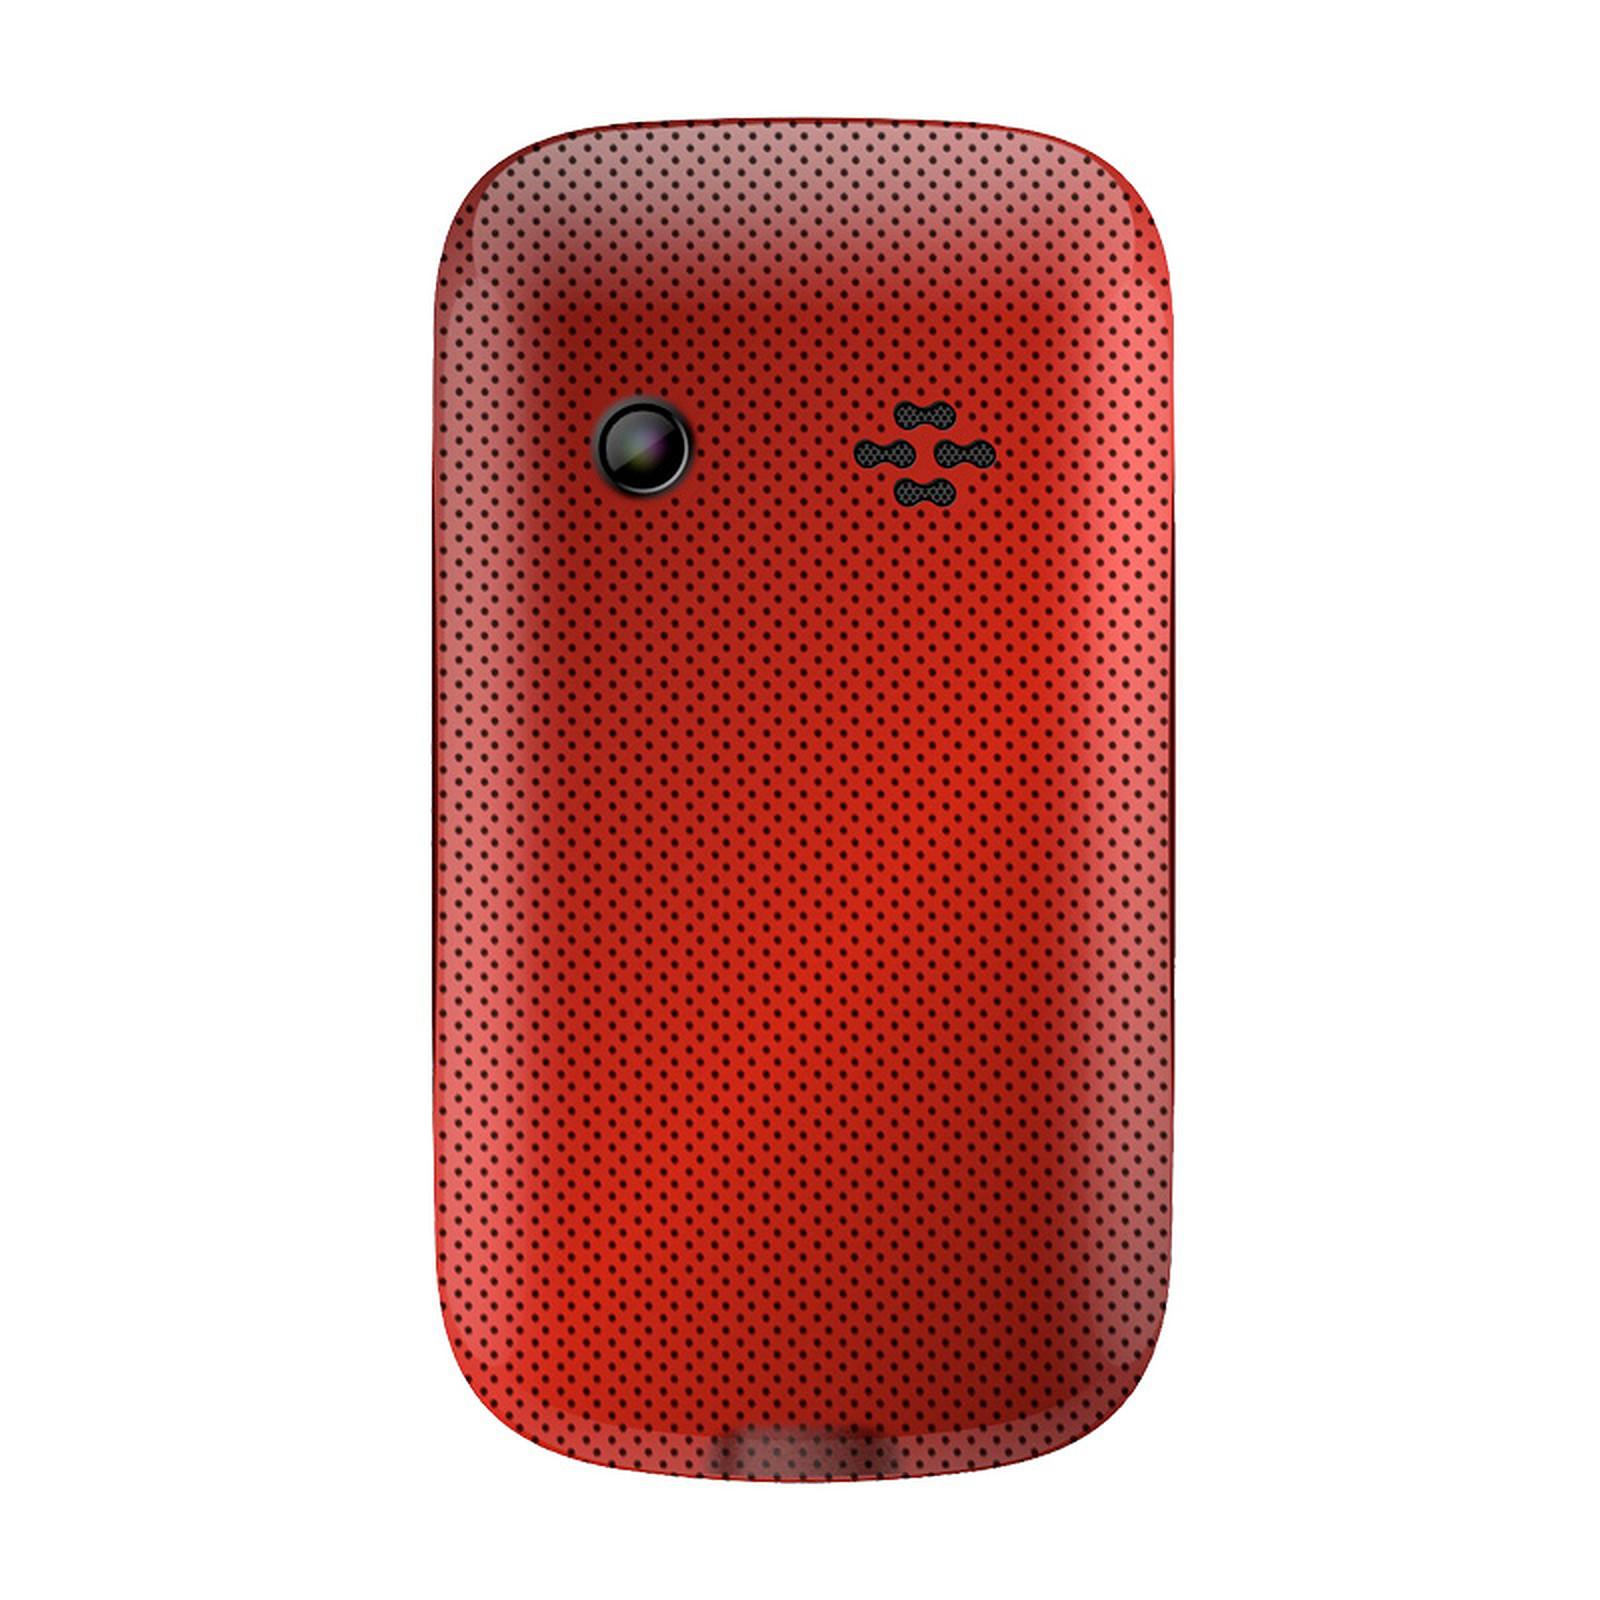 Wiko Minz Rouge - Mobile & smartphone Wiko sur LDLC   Muséericorde